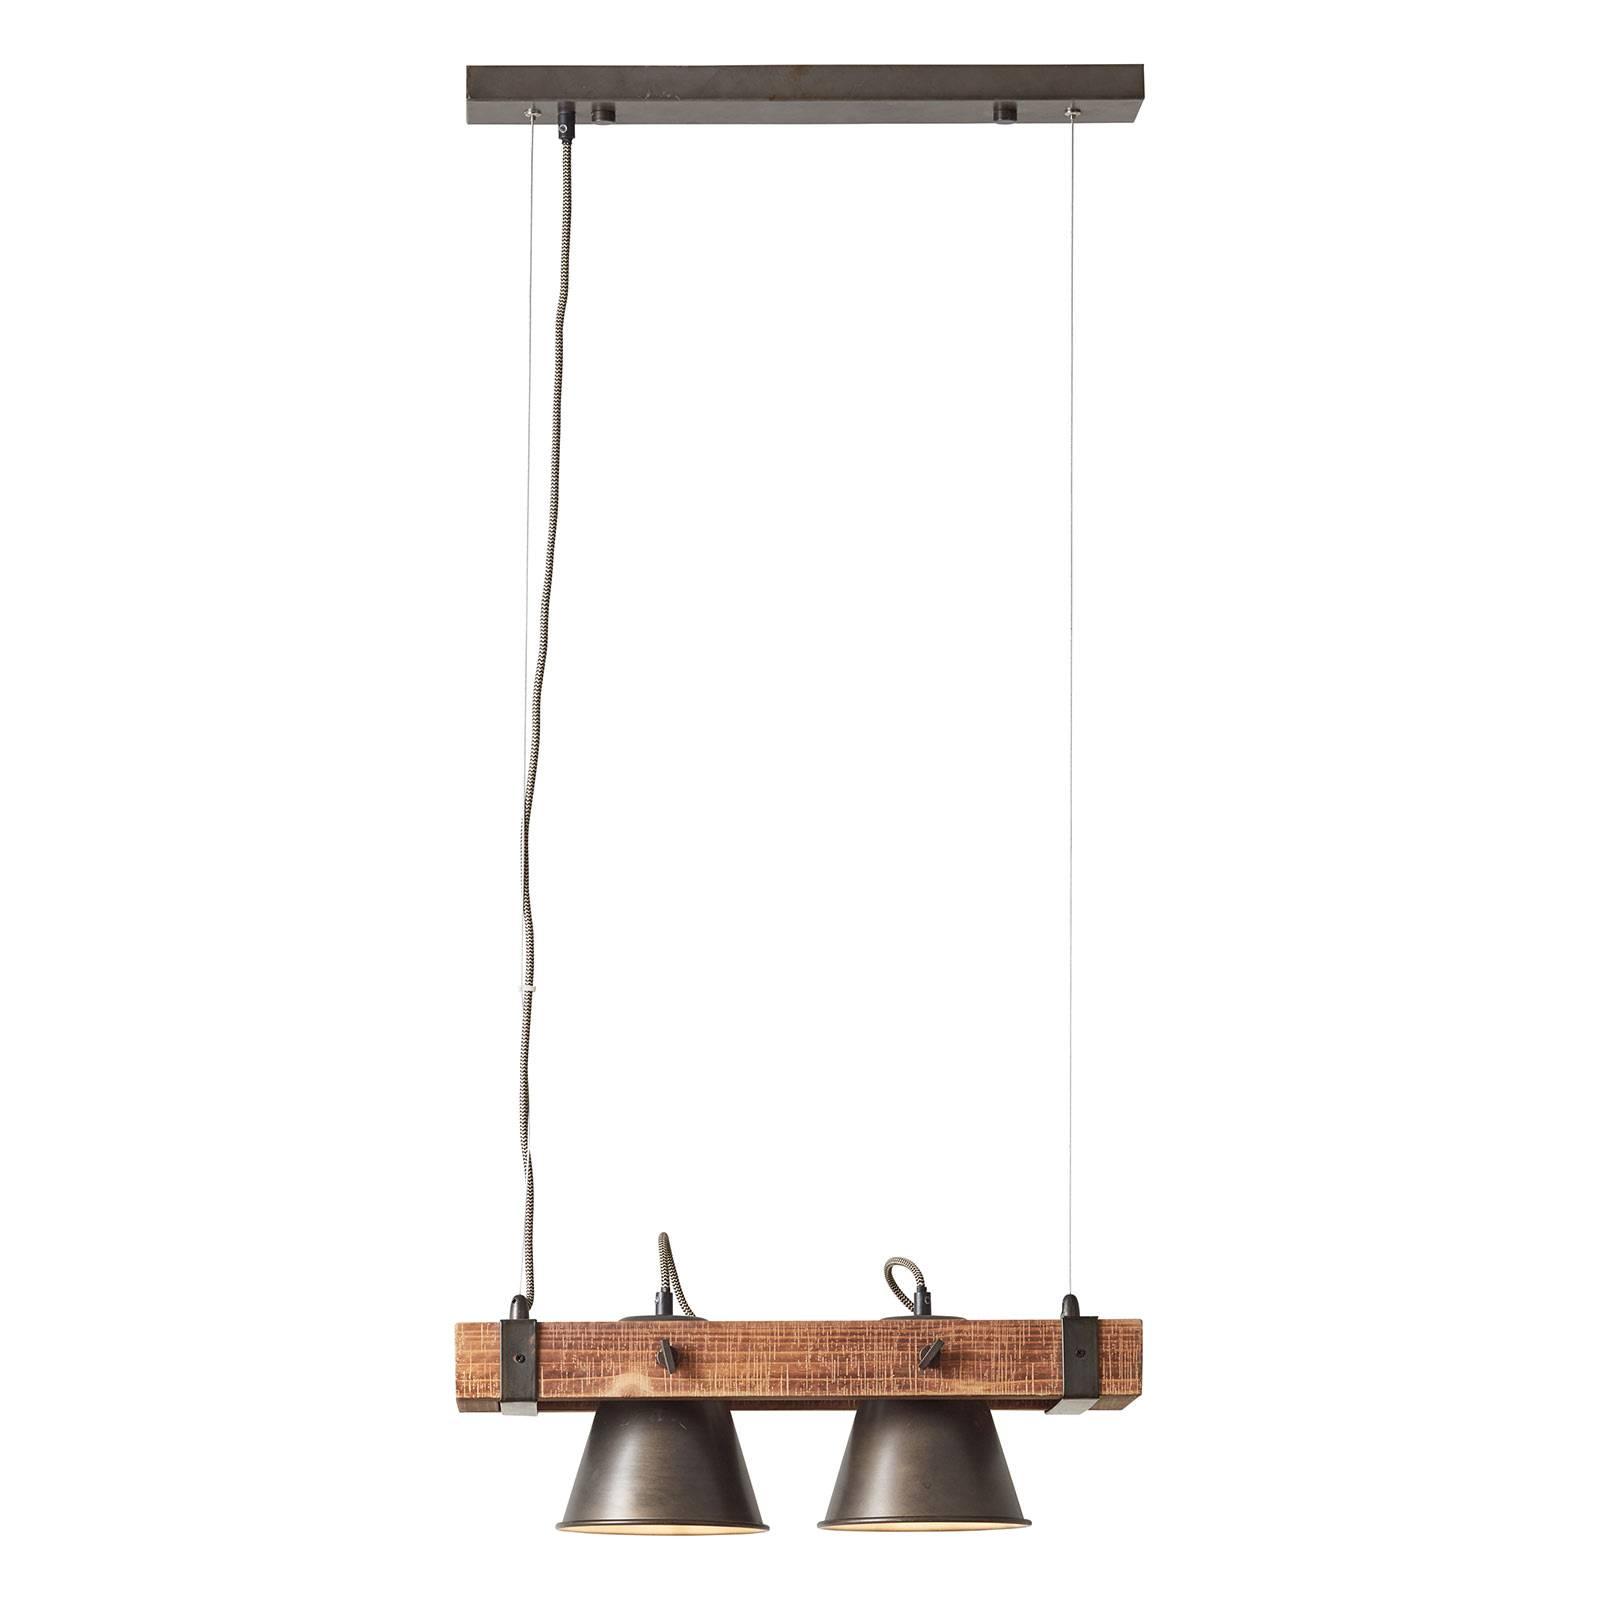 Riippuvalo Plow 2-lamppuinen, musta/puu tumma